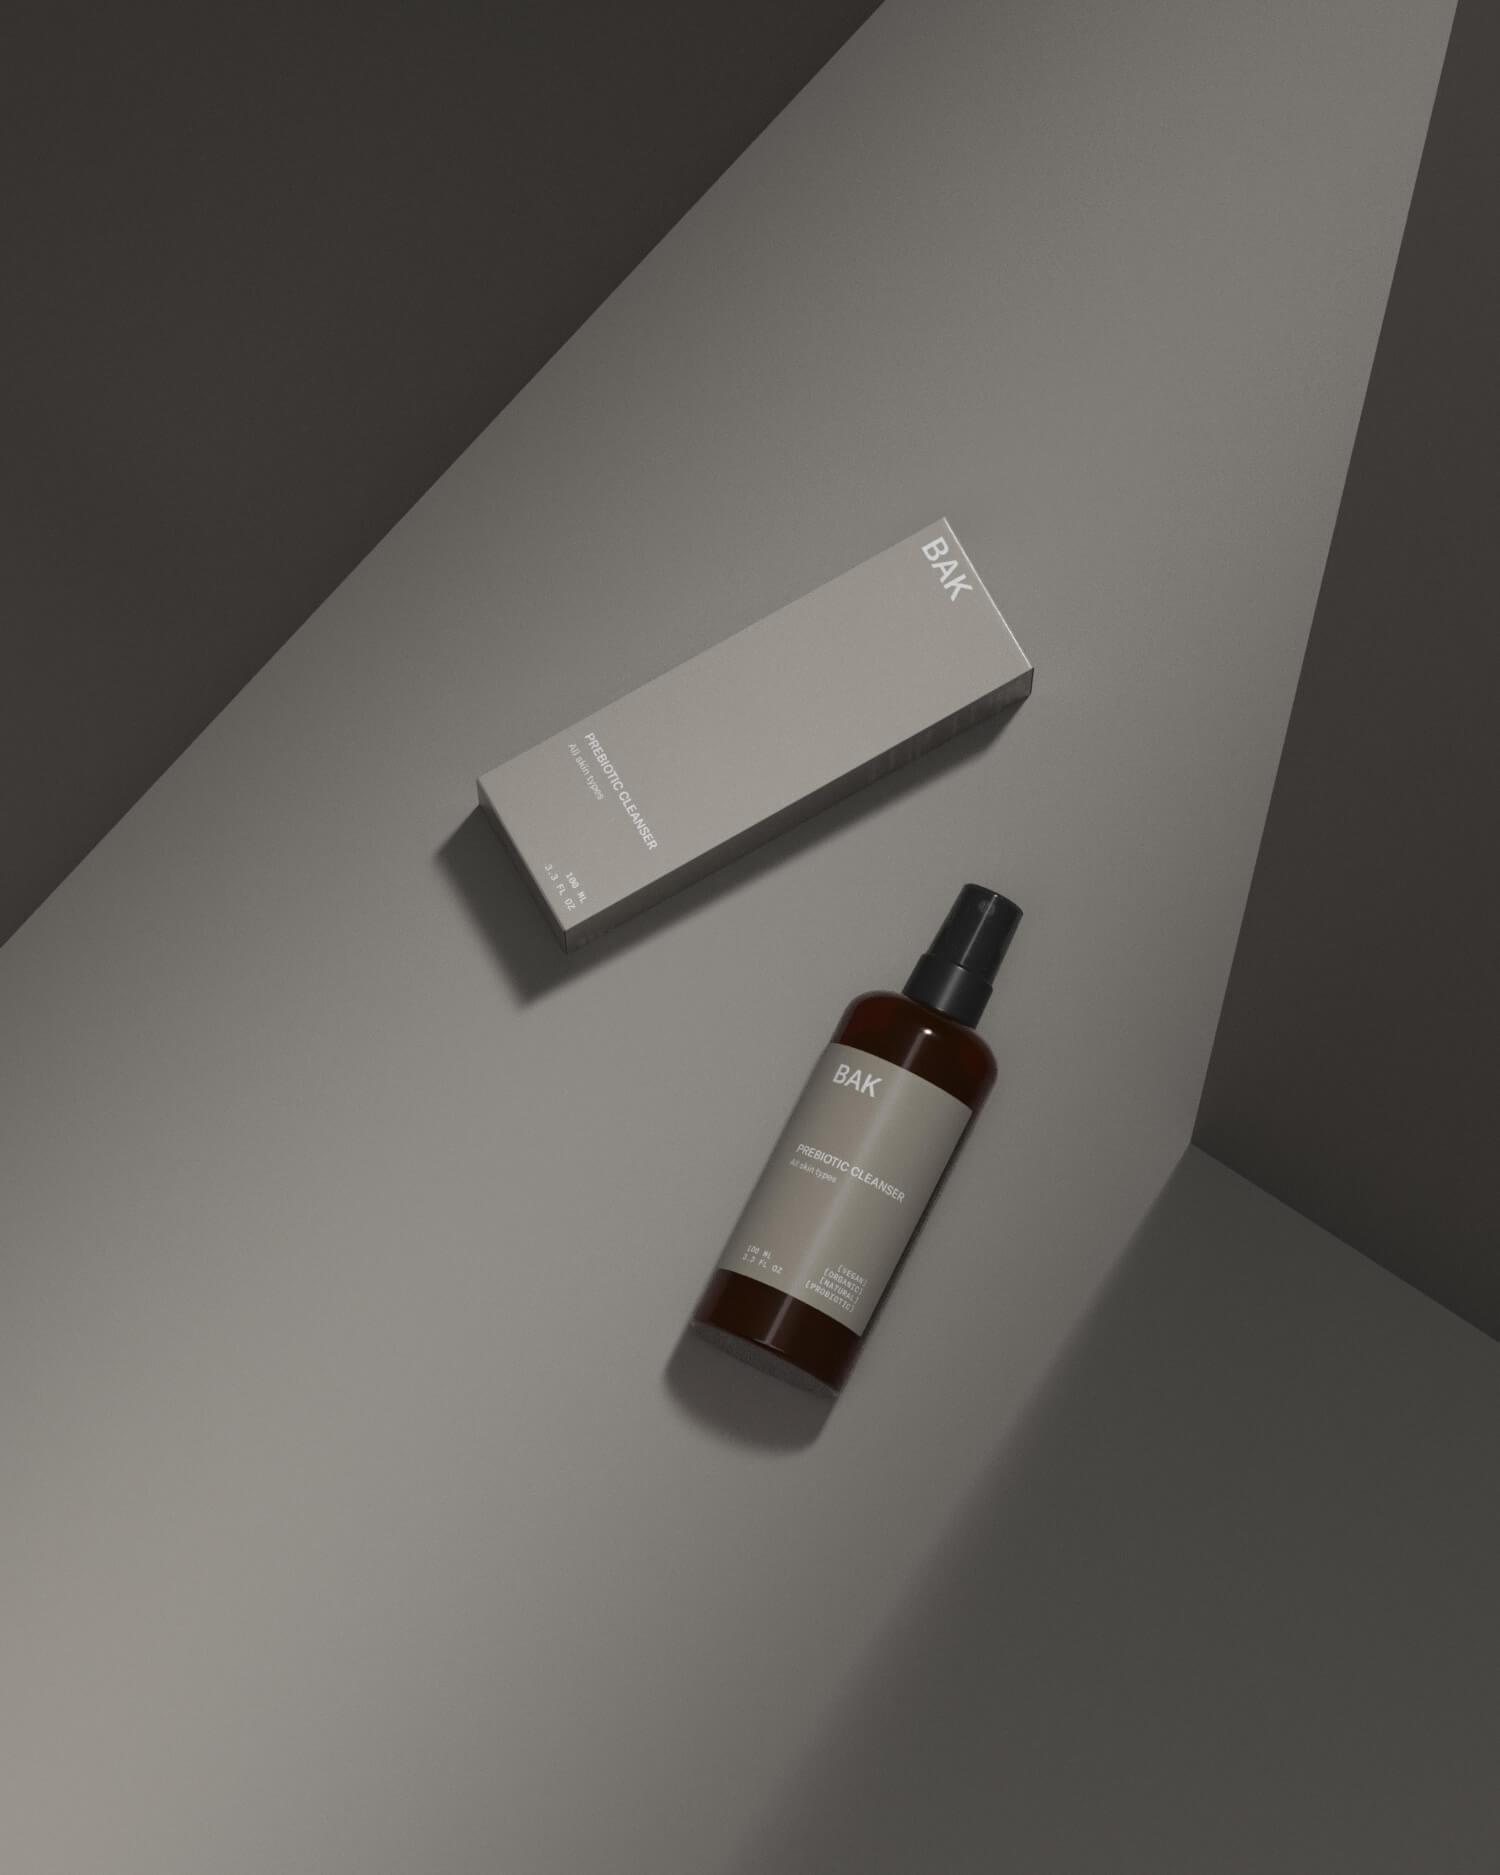 Bak-Product01-1080x1350px